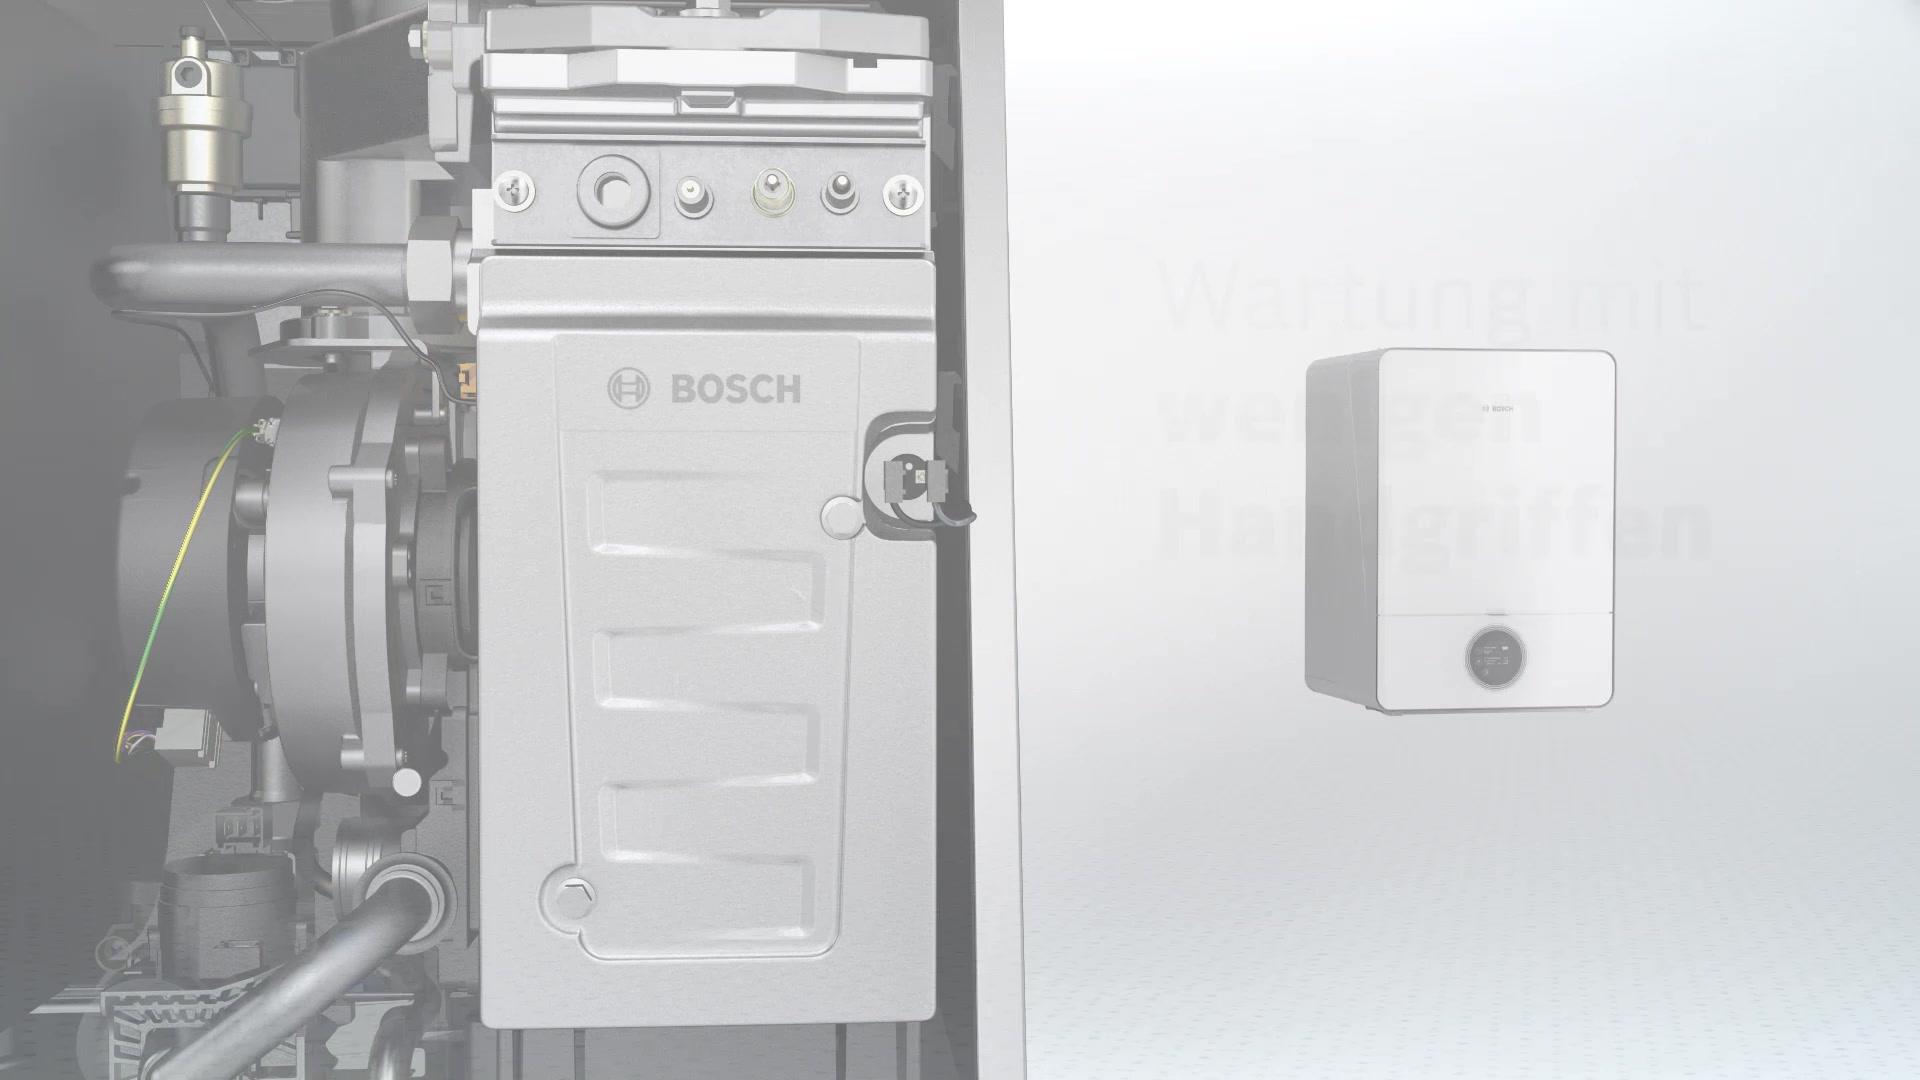 Bosch Kühlschrank Anleitung : Medien und downloads fachkunde bosch thermotechnik